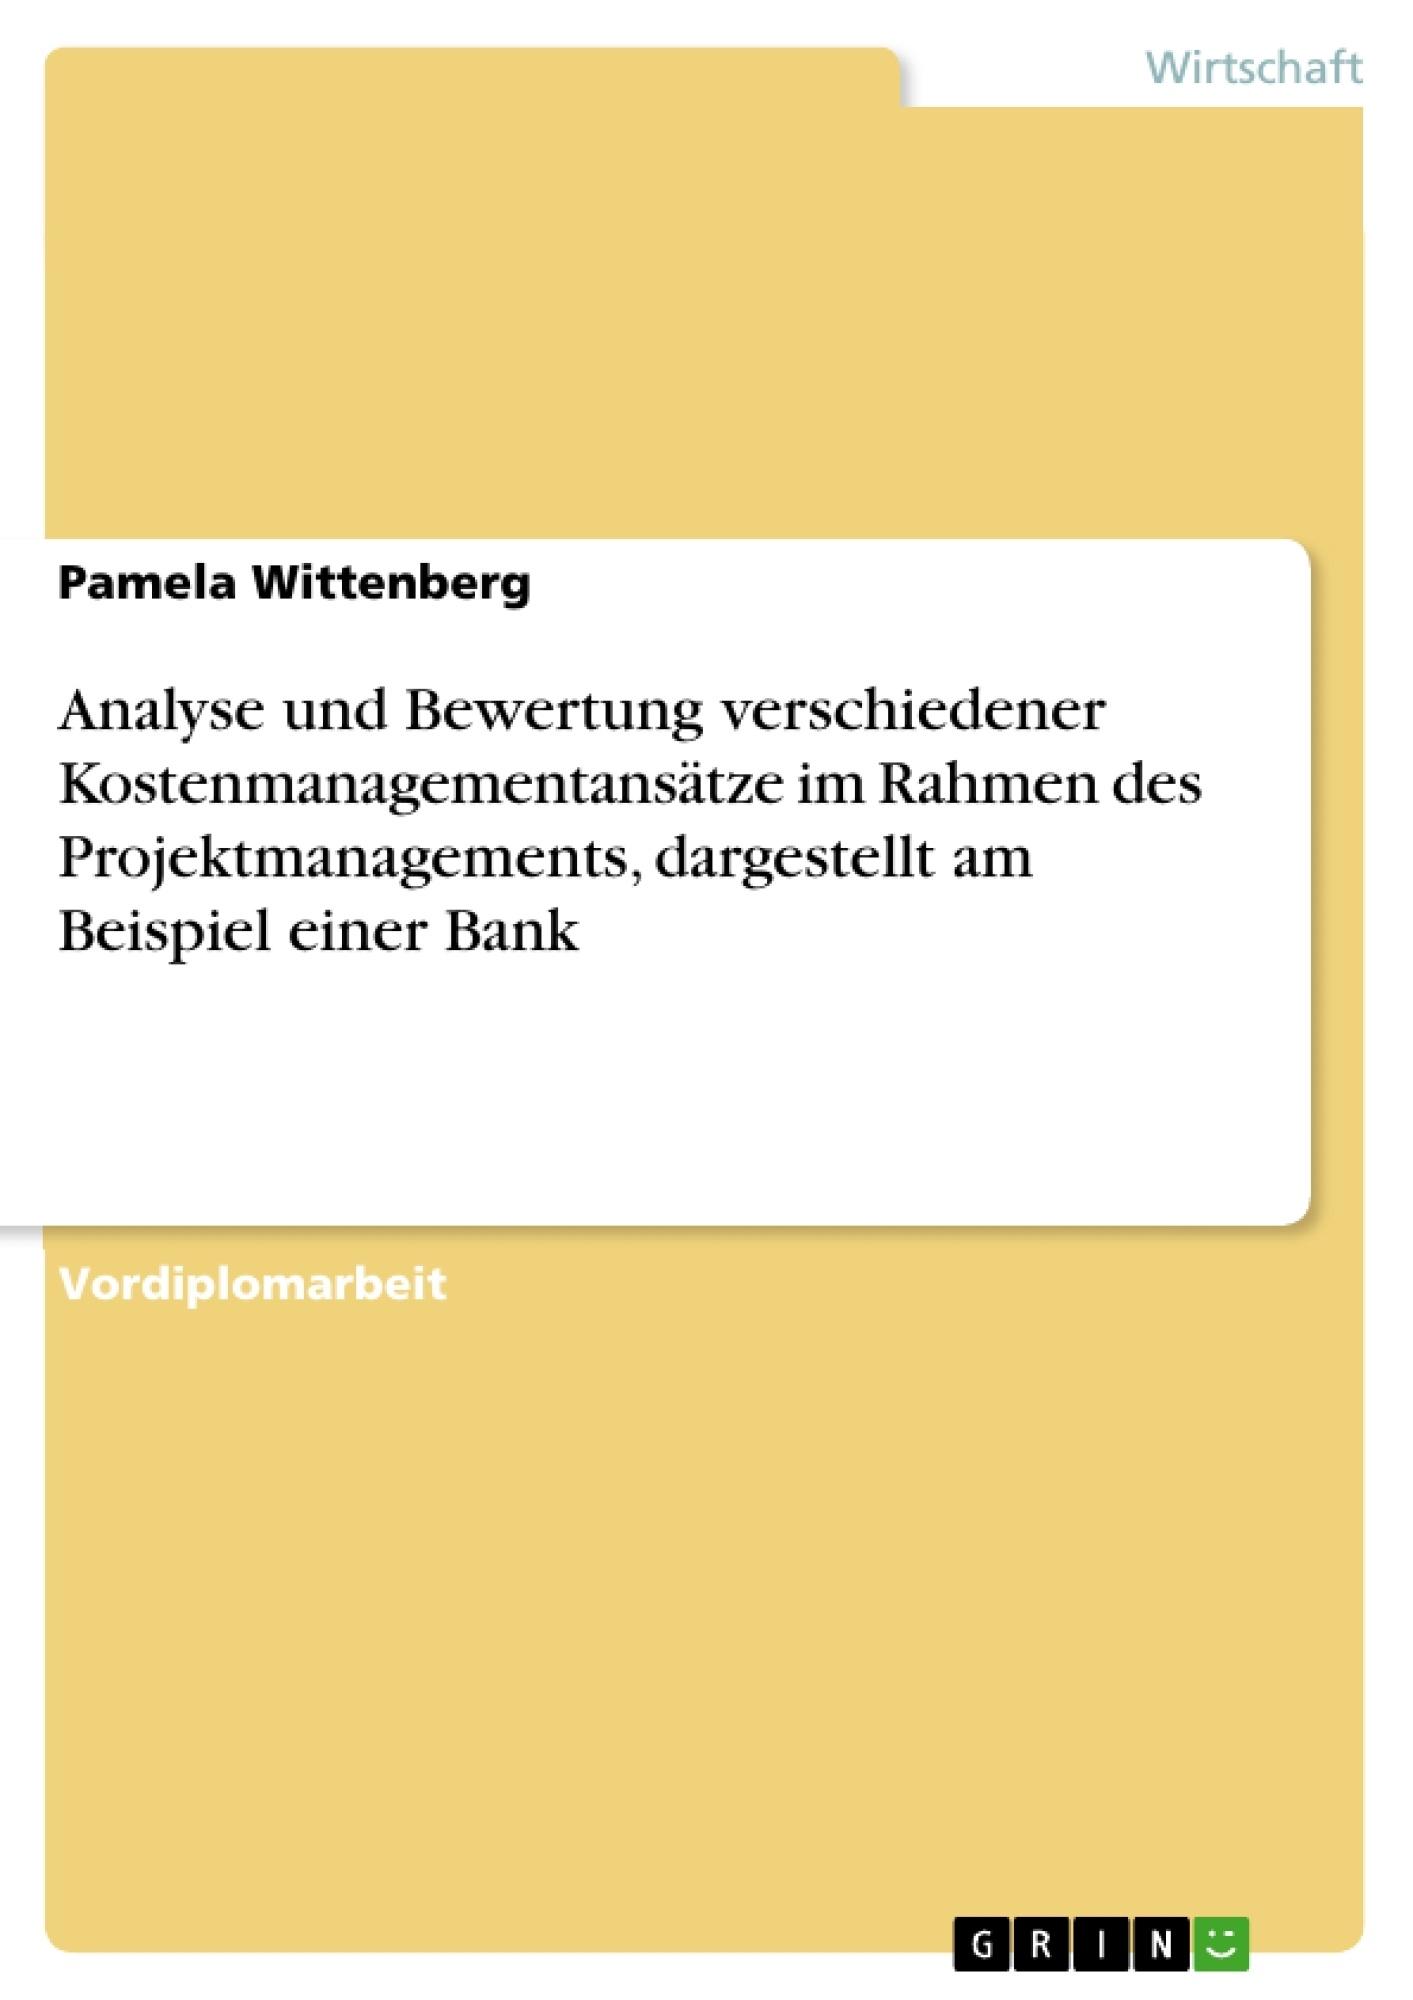 Titel: Analyse und Bewertung verschiedener Kostenmanagementansätze im Rahmen des Projektmanagements, dargestellt am Beispiel einer Bank